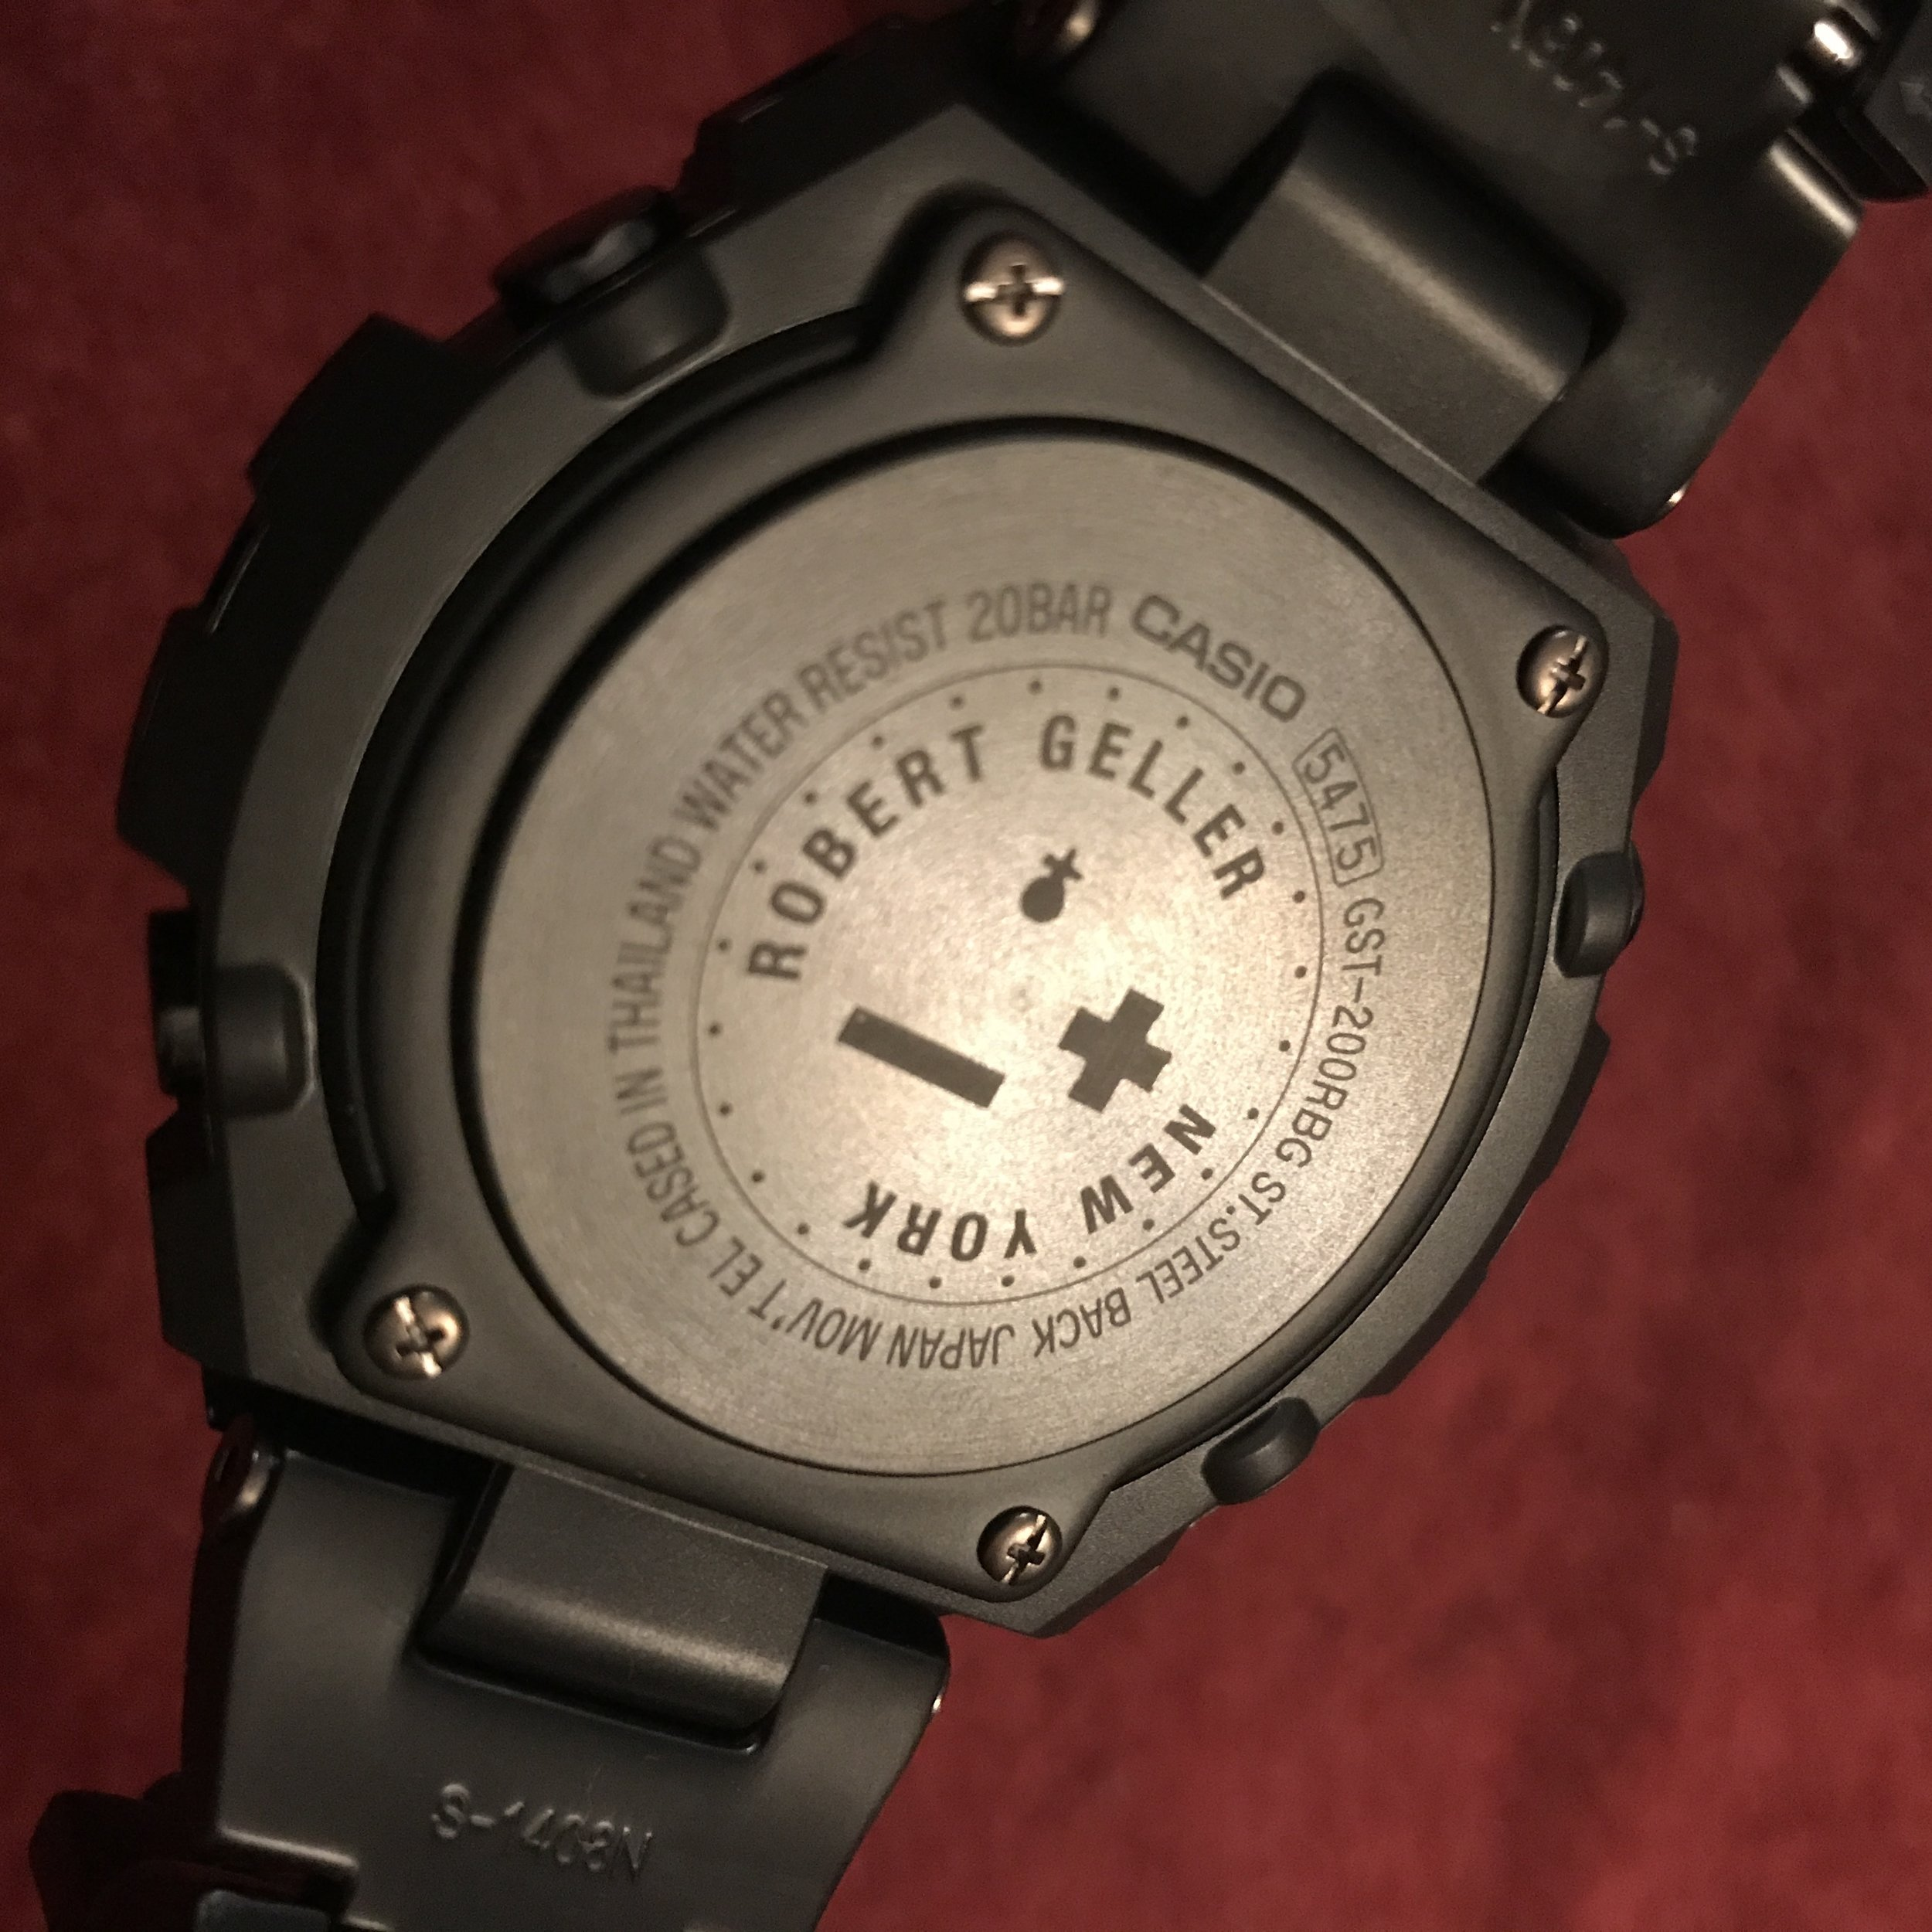 807836f3c7a Robert Geller X G-Shock  Midnight in Tokyo — Collectors  Perspective